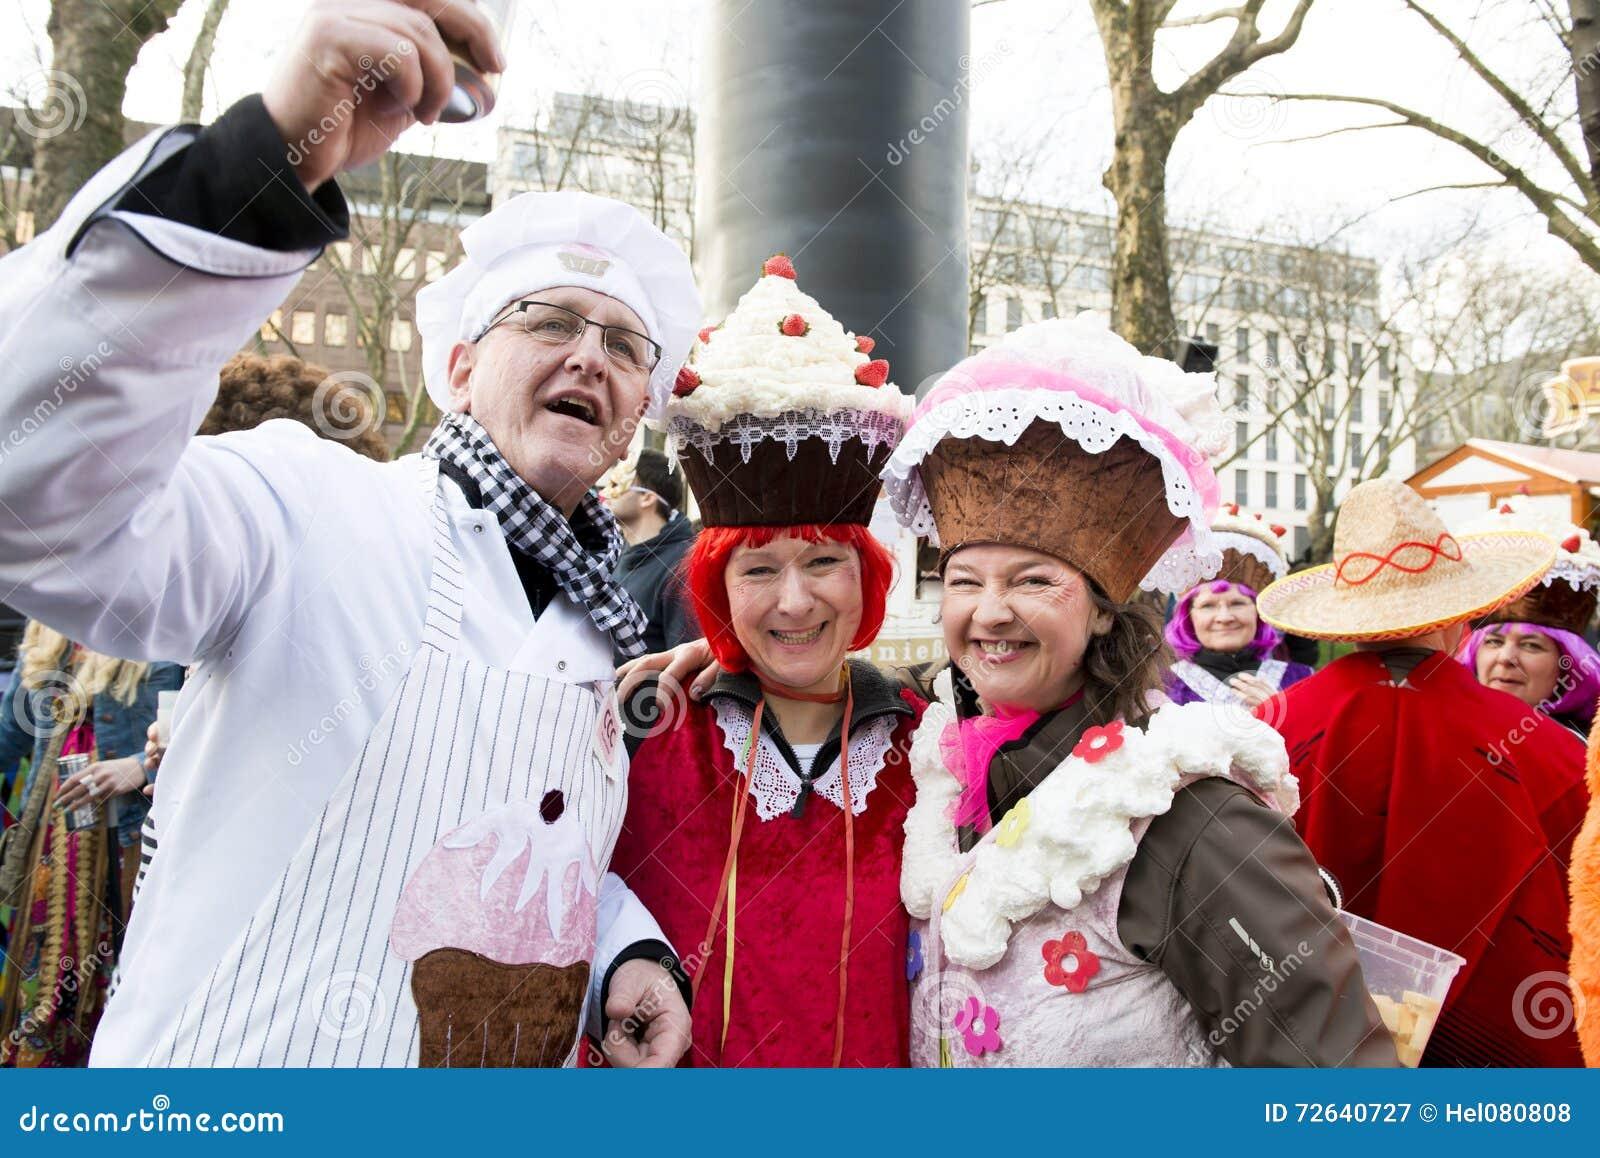 Ντυμένα με κοστούμι Muffins, Mardi Gras Ντίσελντορφ